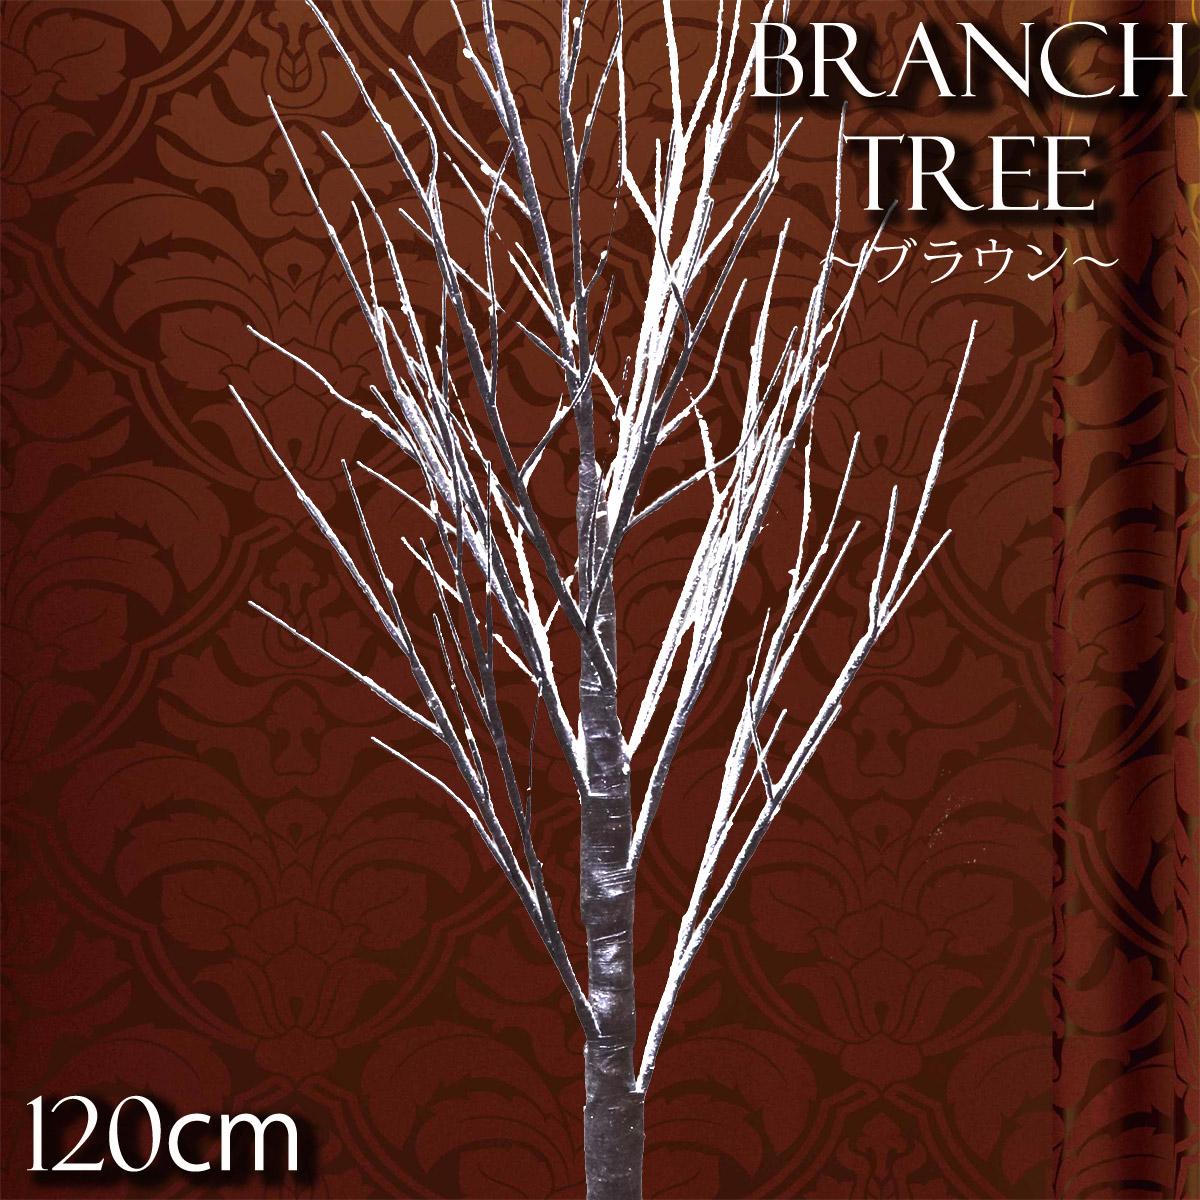 クリスマスツリー LED ブラウン ブランチツリー 120cm 白樺 北欧 おしゃれ